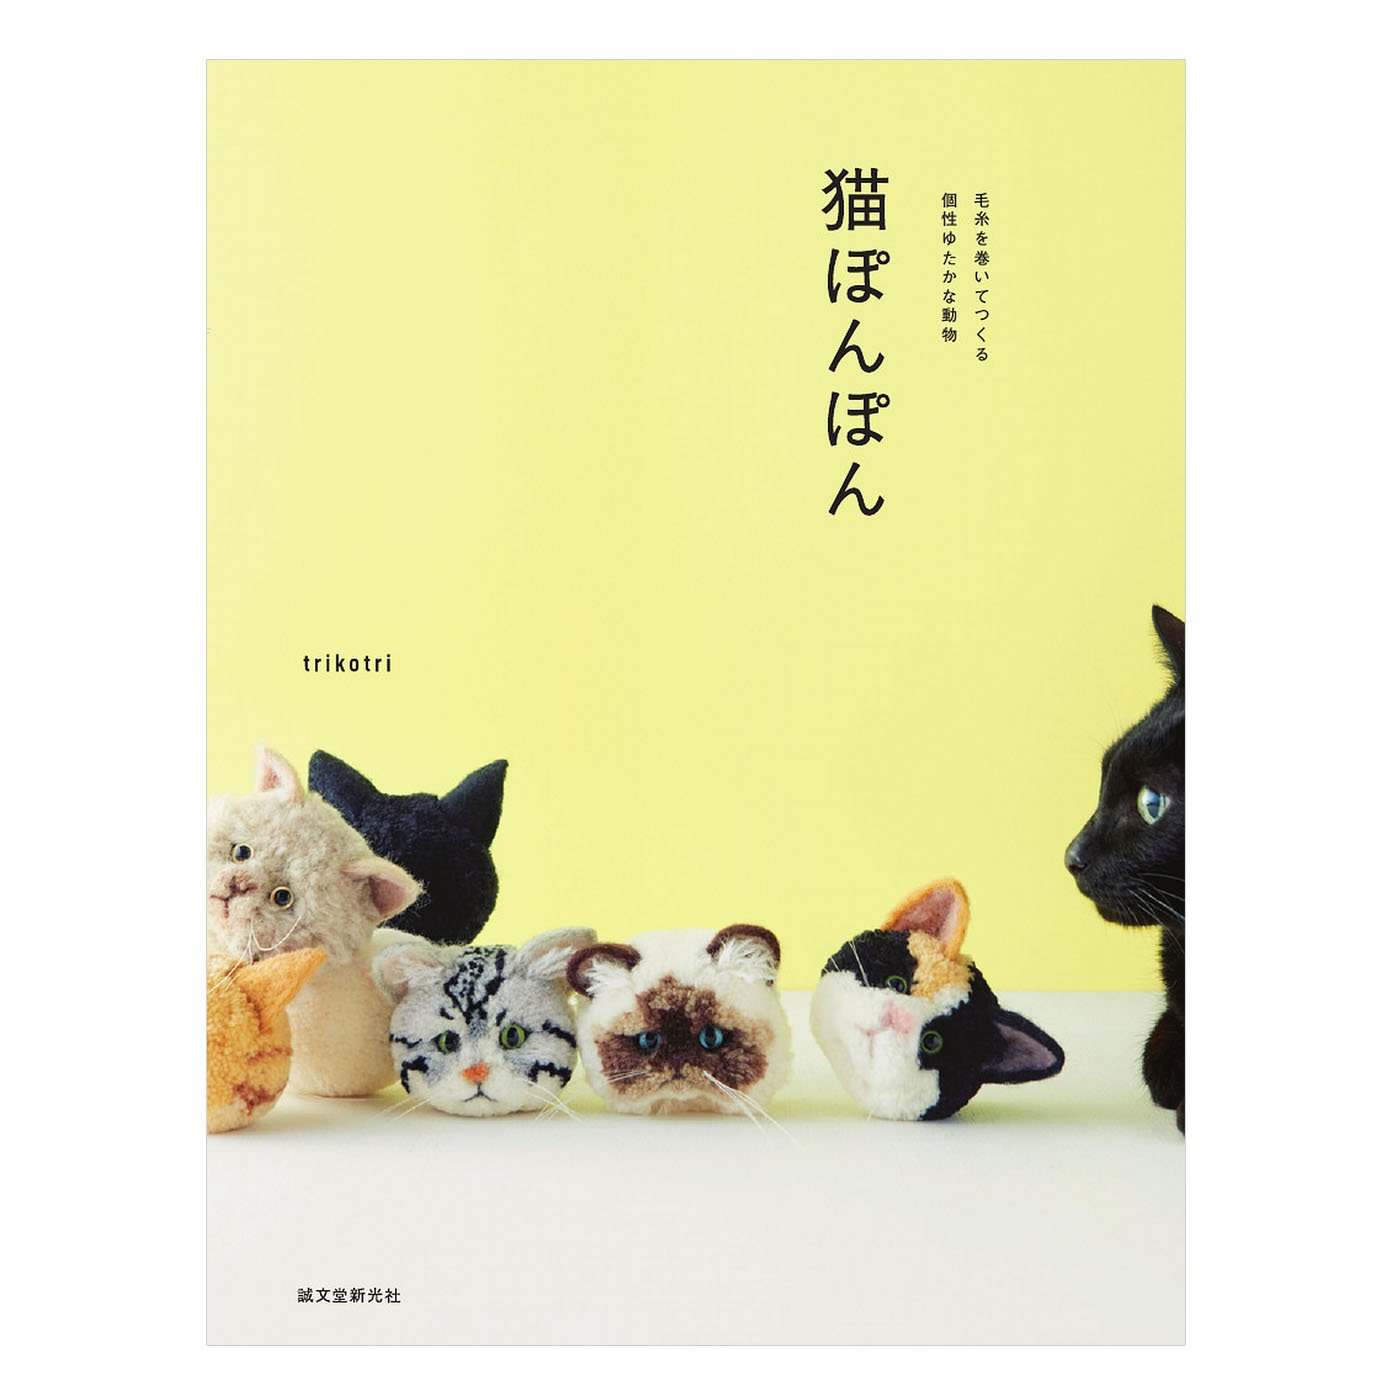 猫ぽんぽん:毛糸を巻いてつくる個性ゆたかな動物